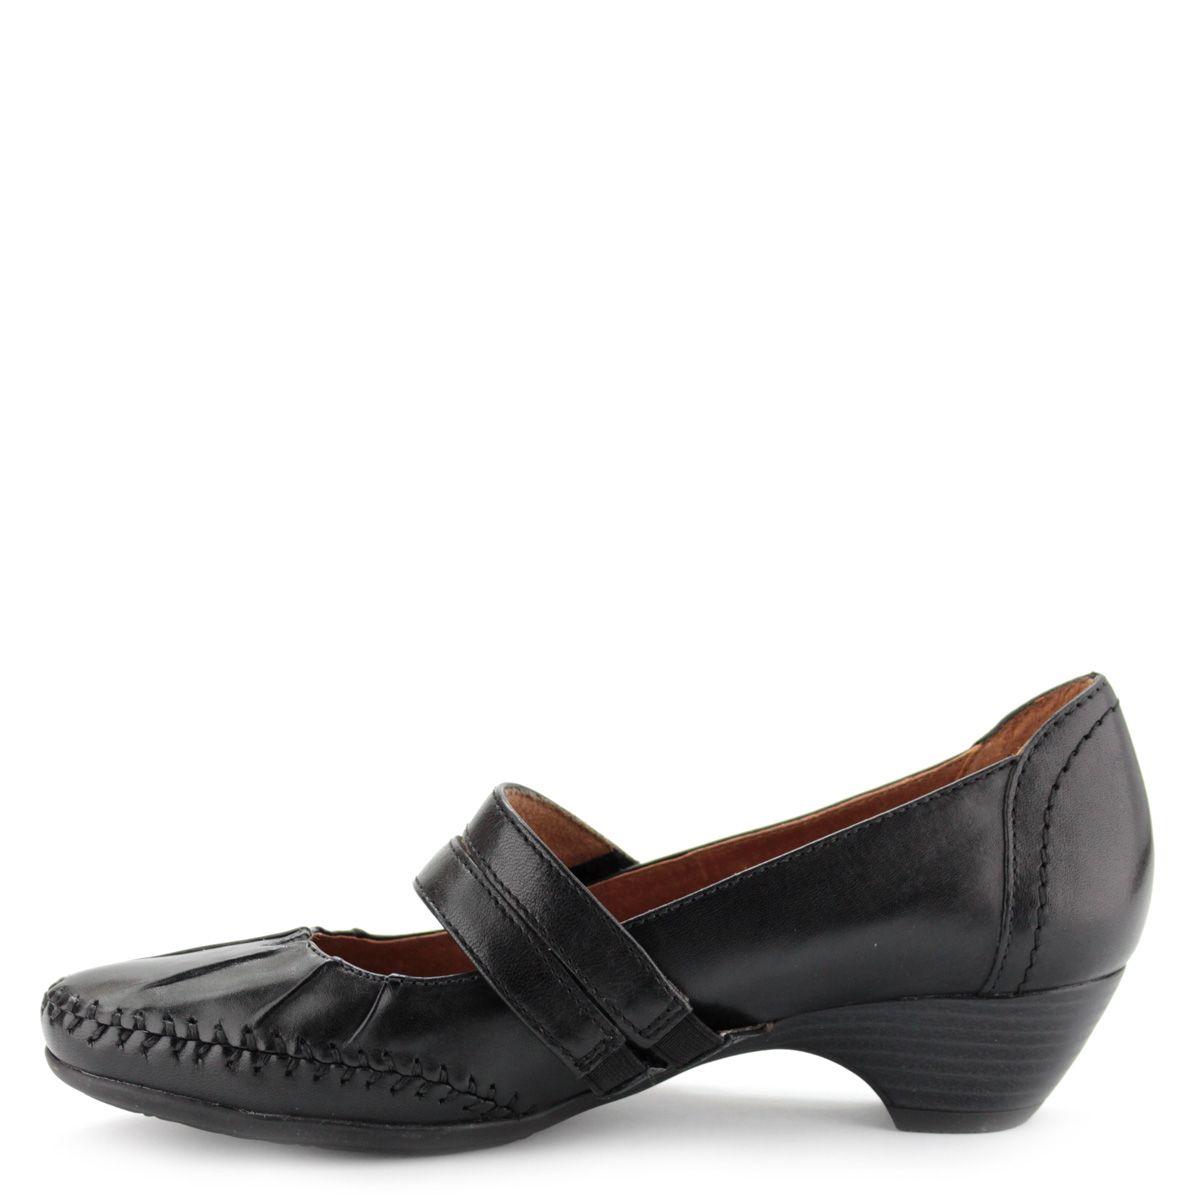 cd92f139d0 Fekete színű pántos Jana bőrcipő | ChiX.hu cipő webáruház Pántos, tépőzáras  Jana cipő, a Jana Natural kollekciójának tagja, kívül-belül vajpuha bőrből.